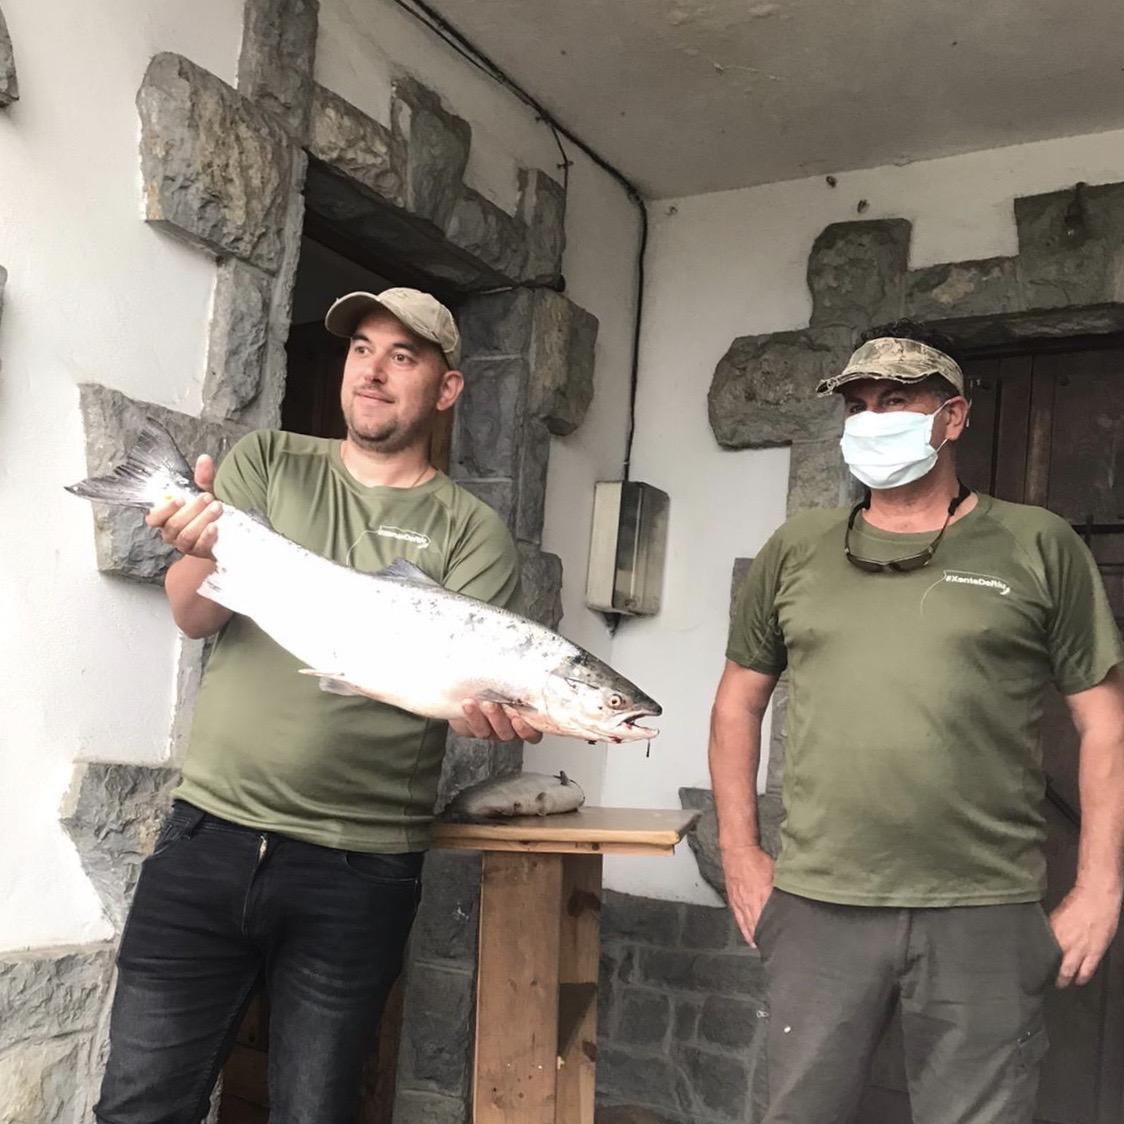 El cangués Josechu Mori pesca el 'campanu' del Sella 2020 en los Espigones de Triongu